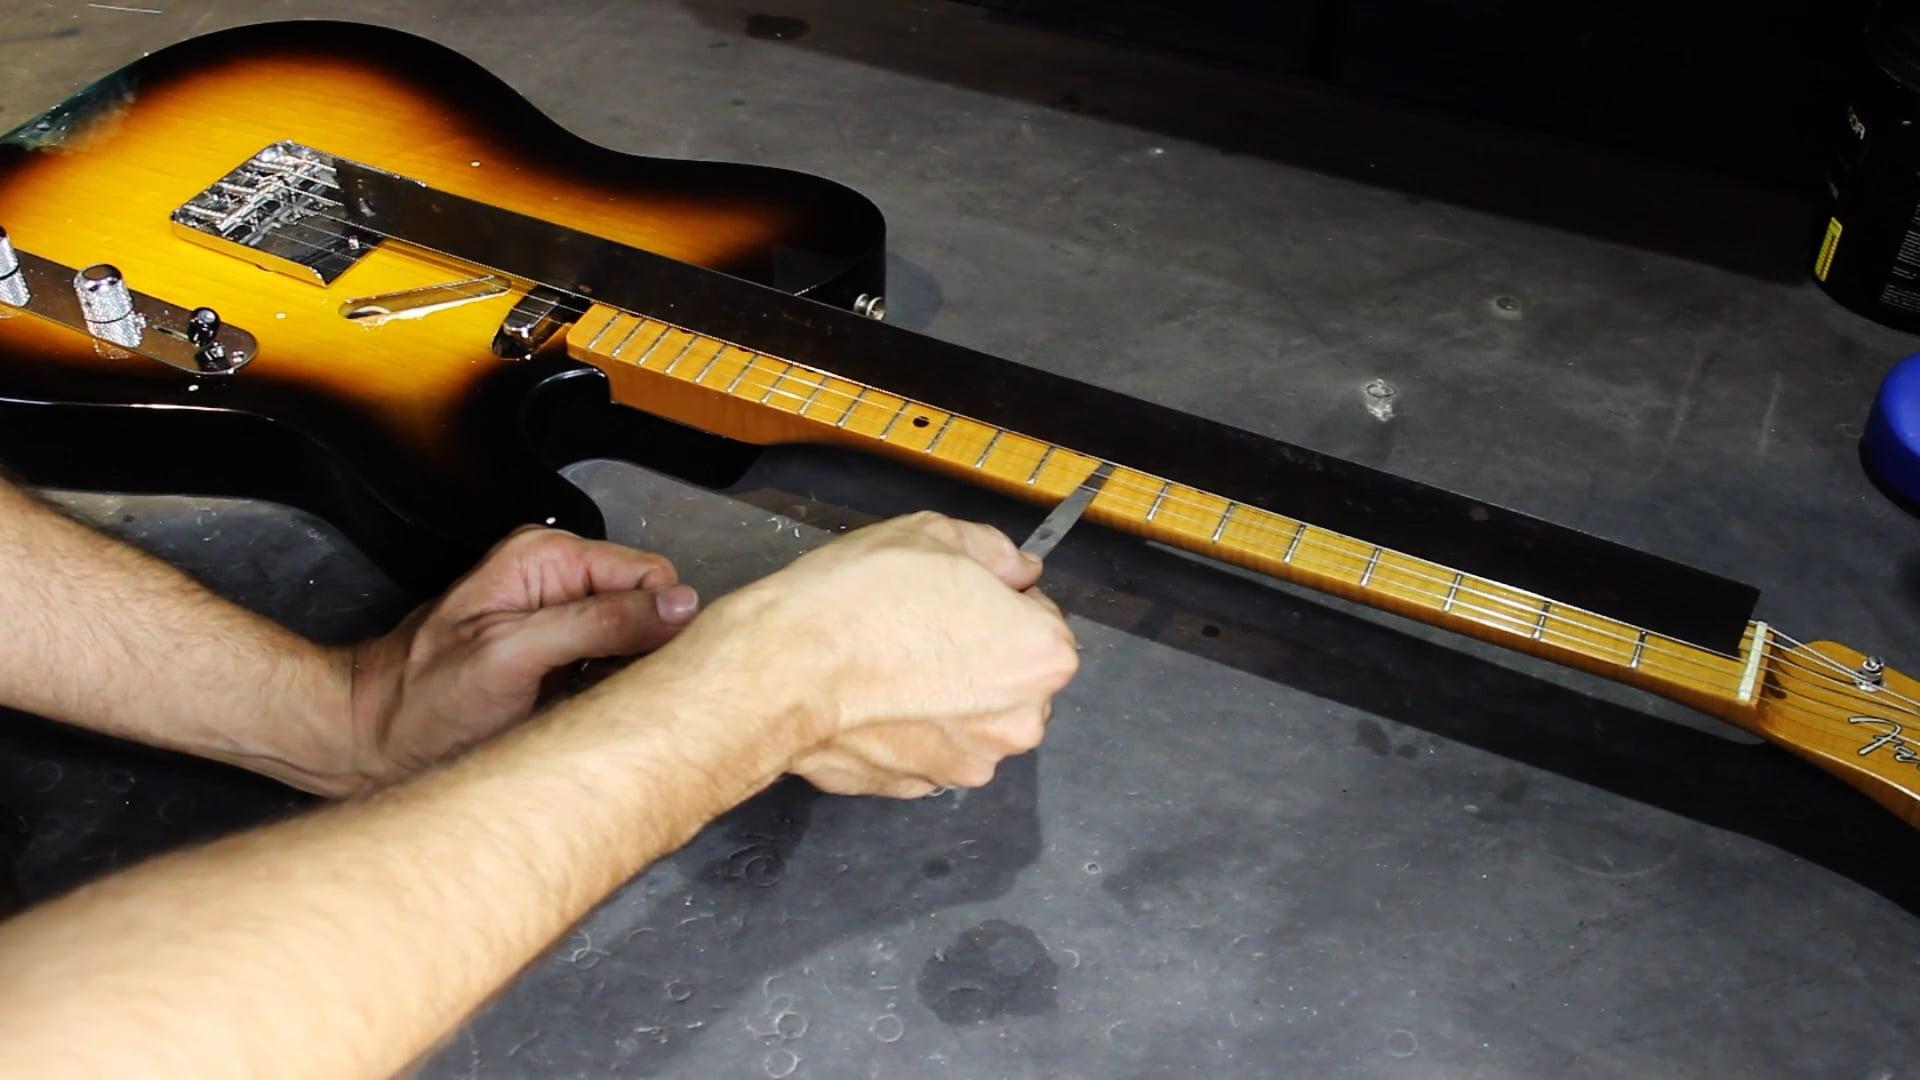 Manutenção para Guitarra Telecaster - Regulagem - Parte 1